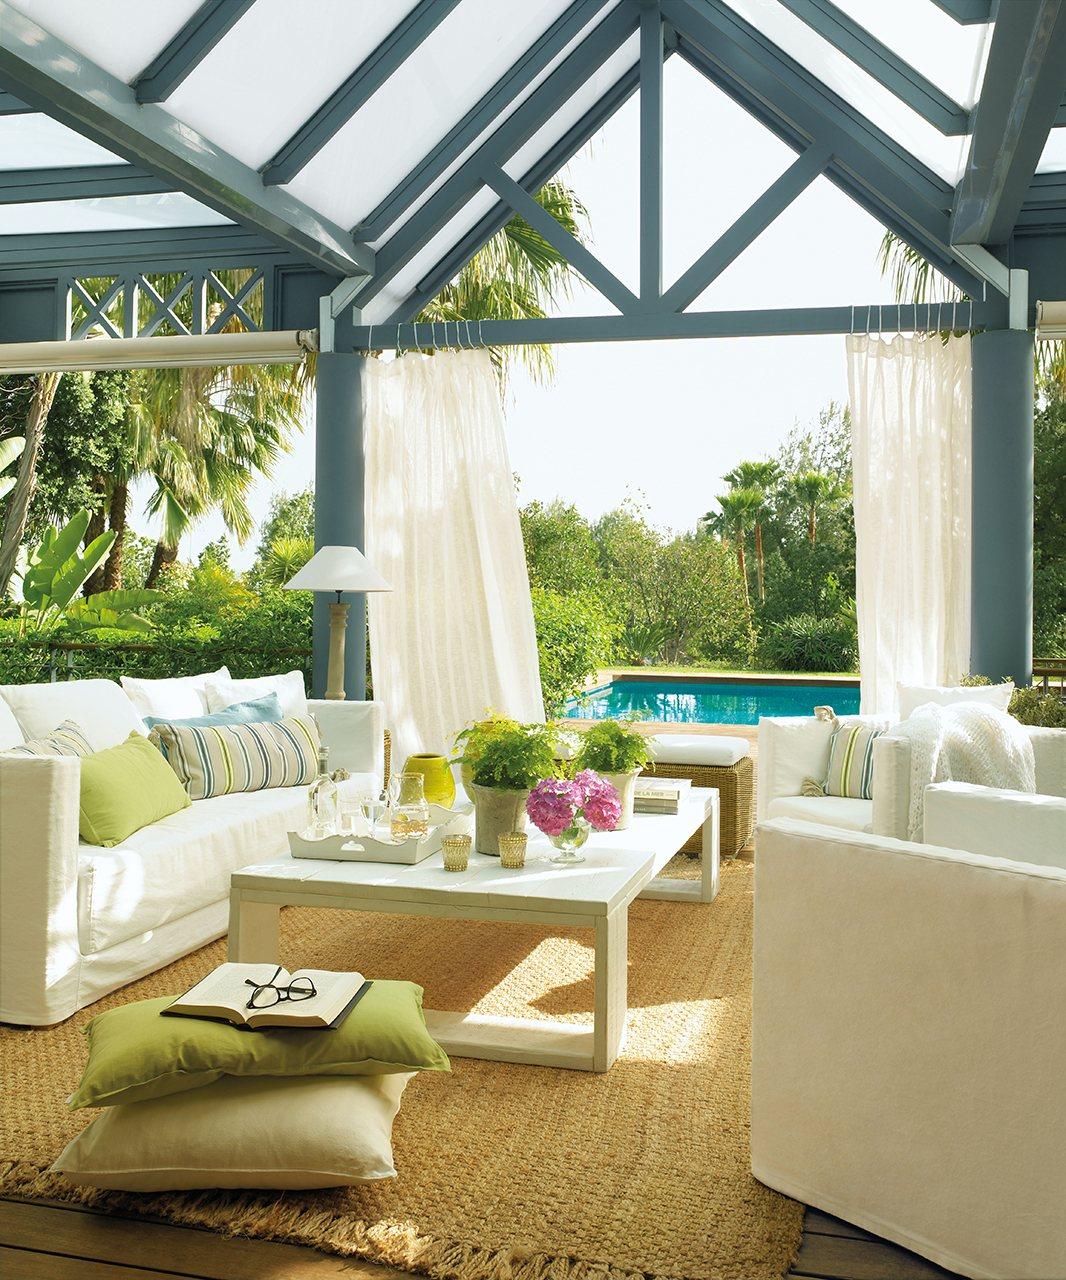 Salones exteriores - Plantas exteriores todo el ano ...